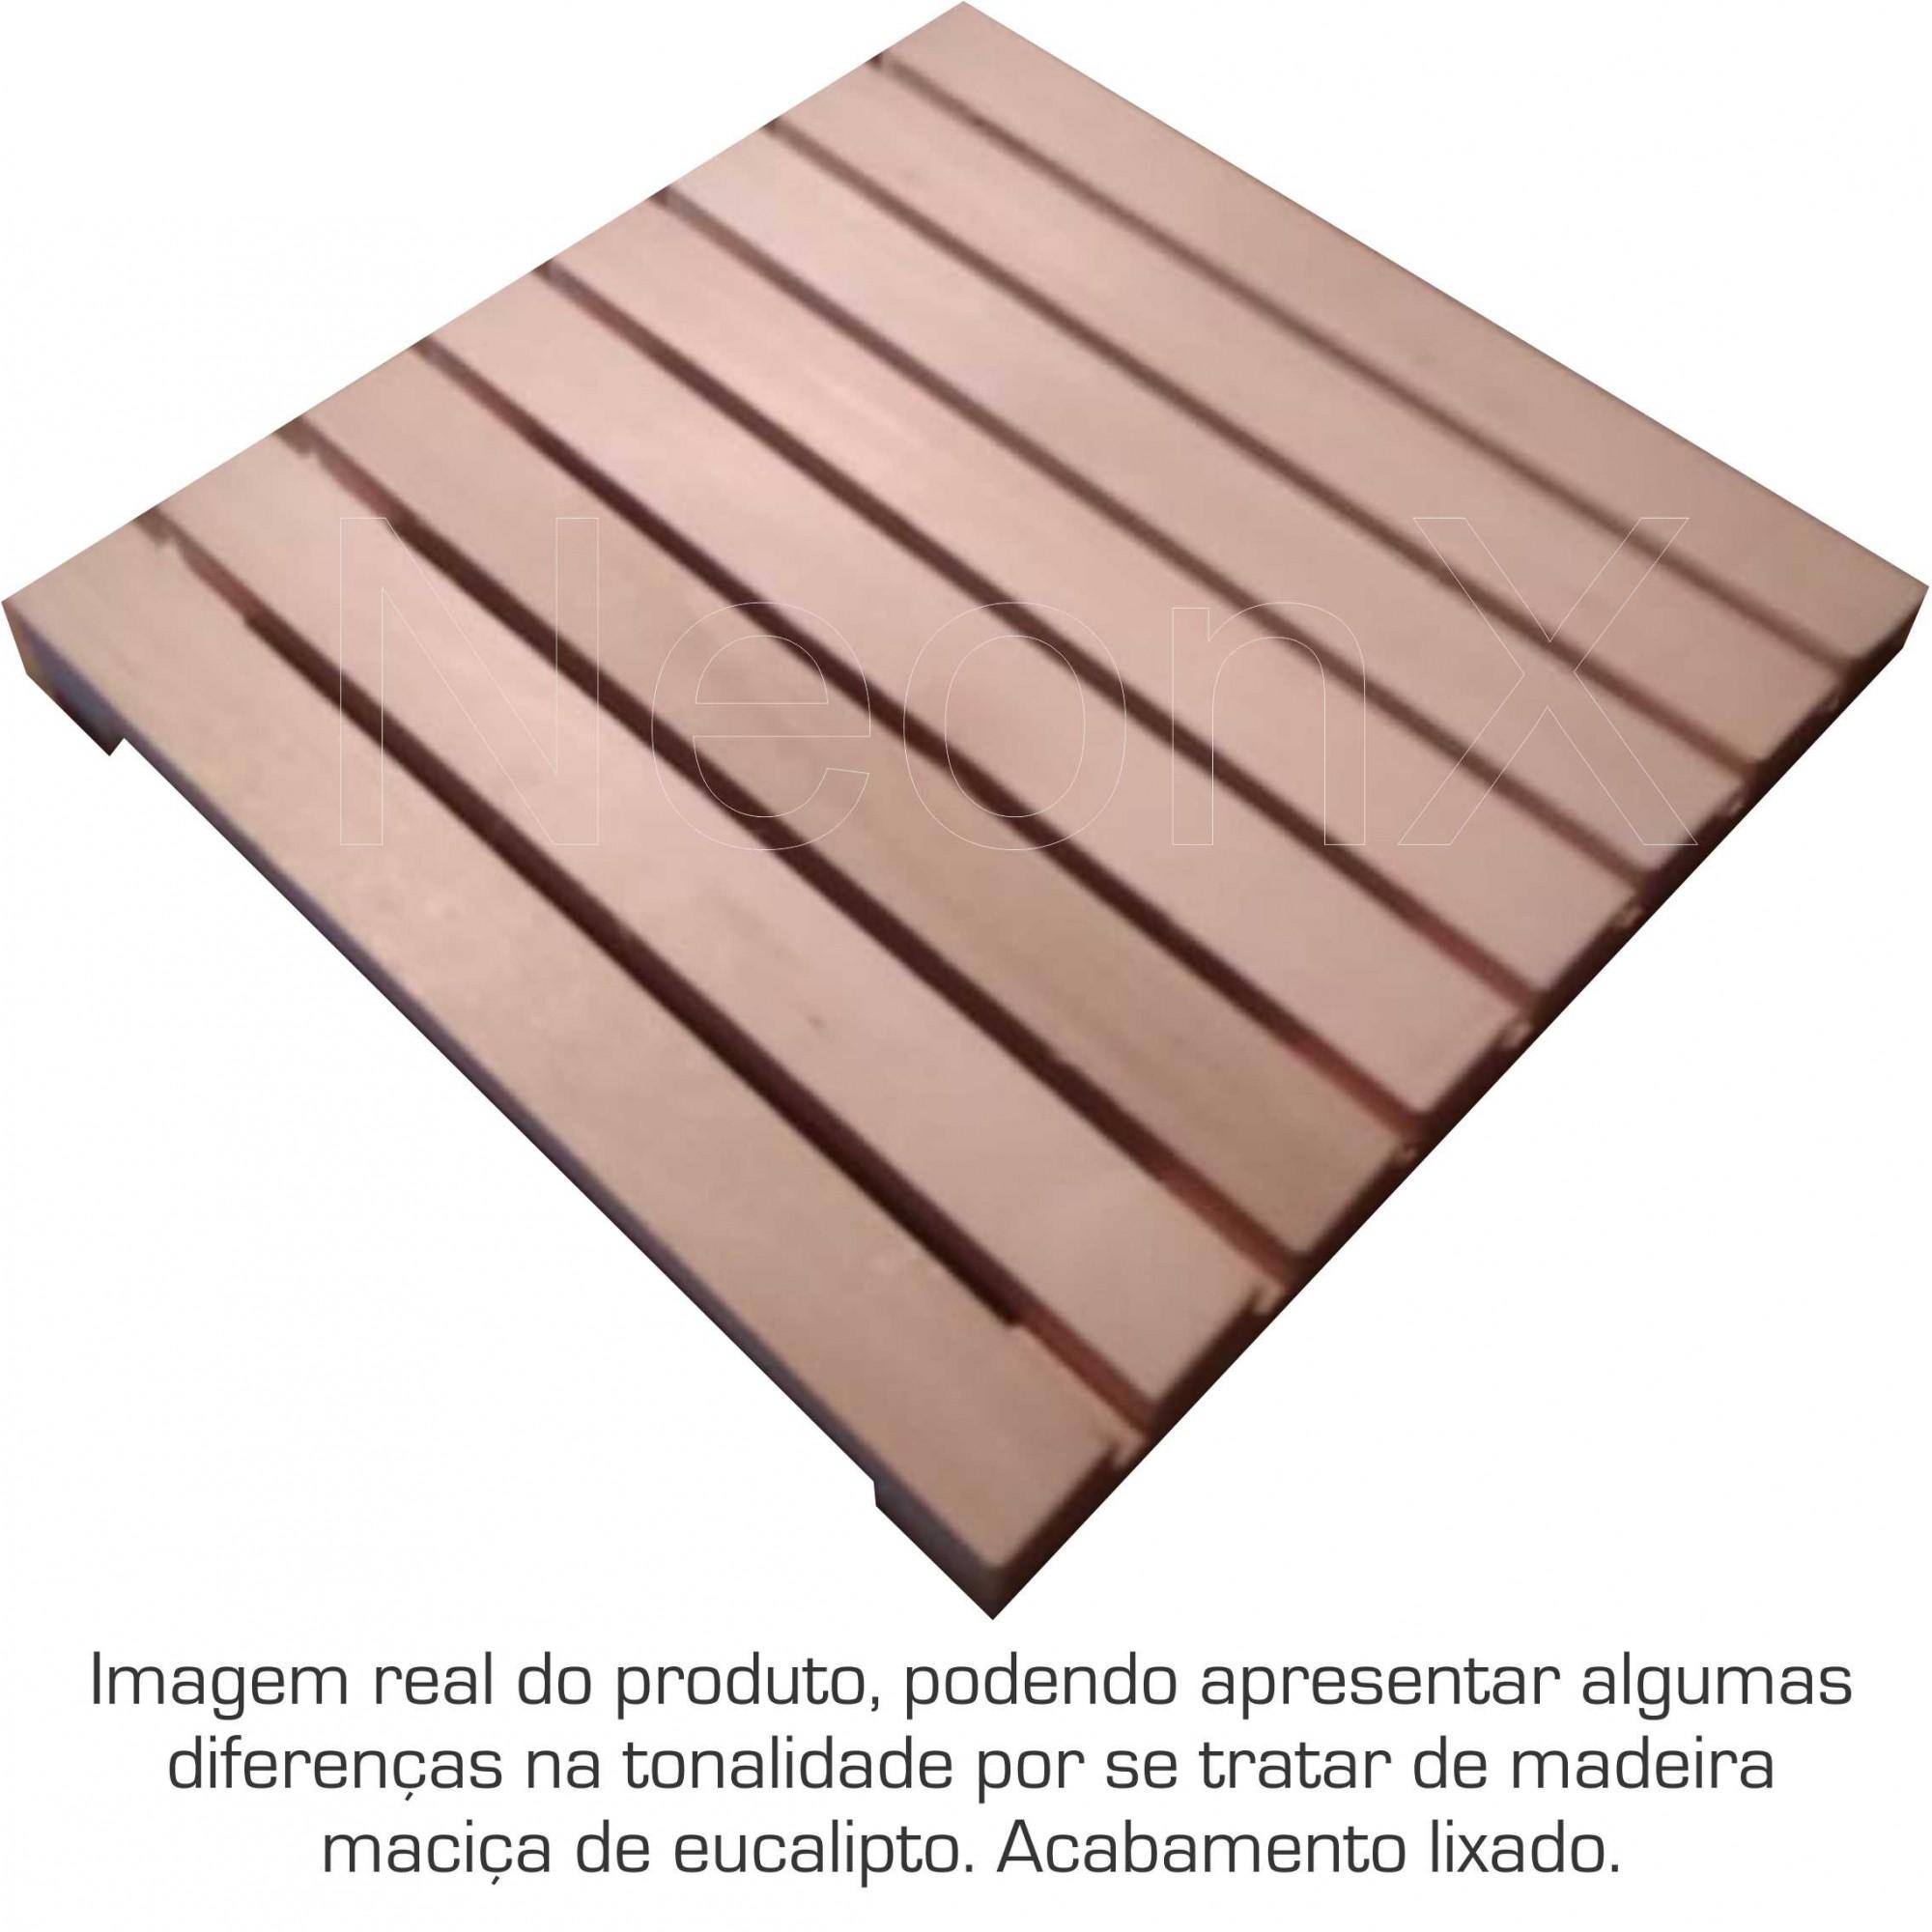 7 Un. Deck De Madeira Modular 40x40 Cm Acabamento Lixado Neonx